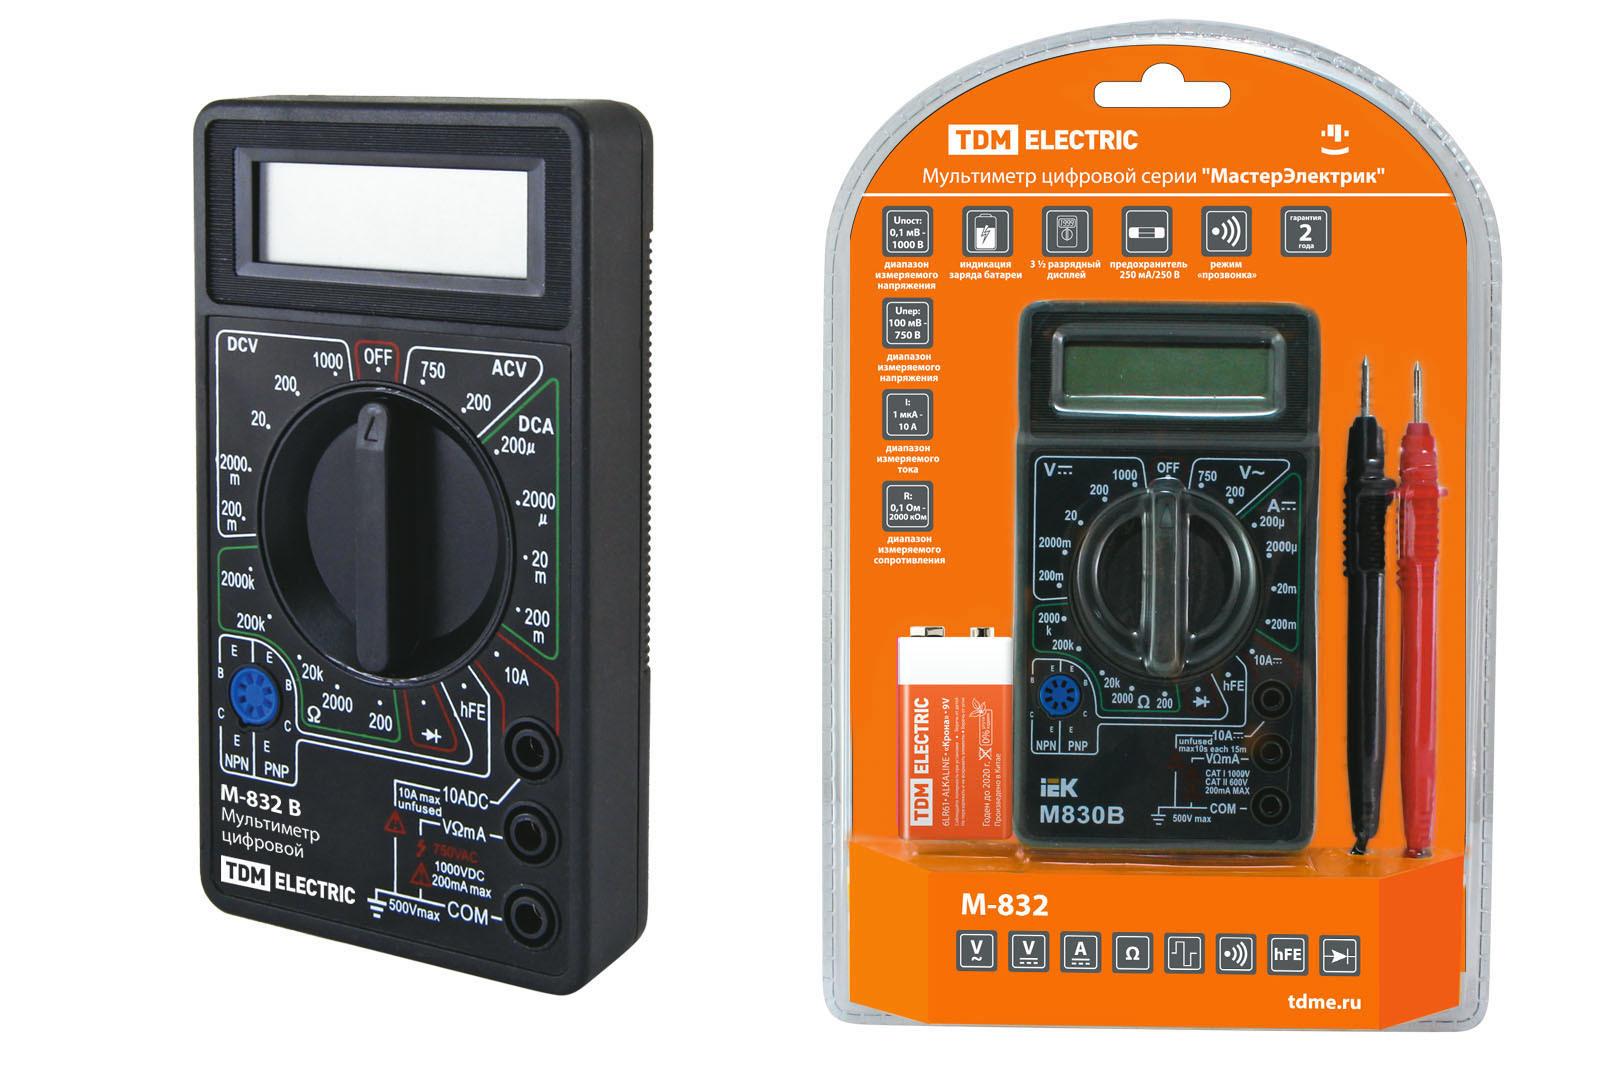 Мультиметр Tdm Sq1005-0002